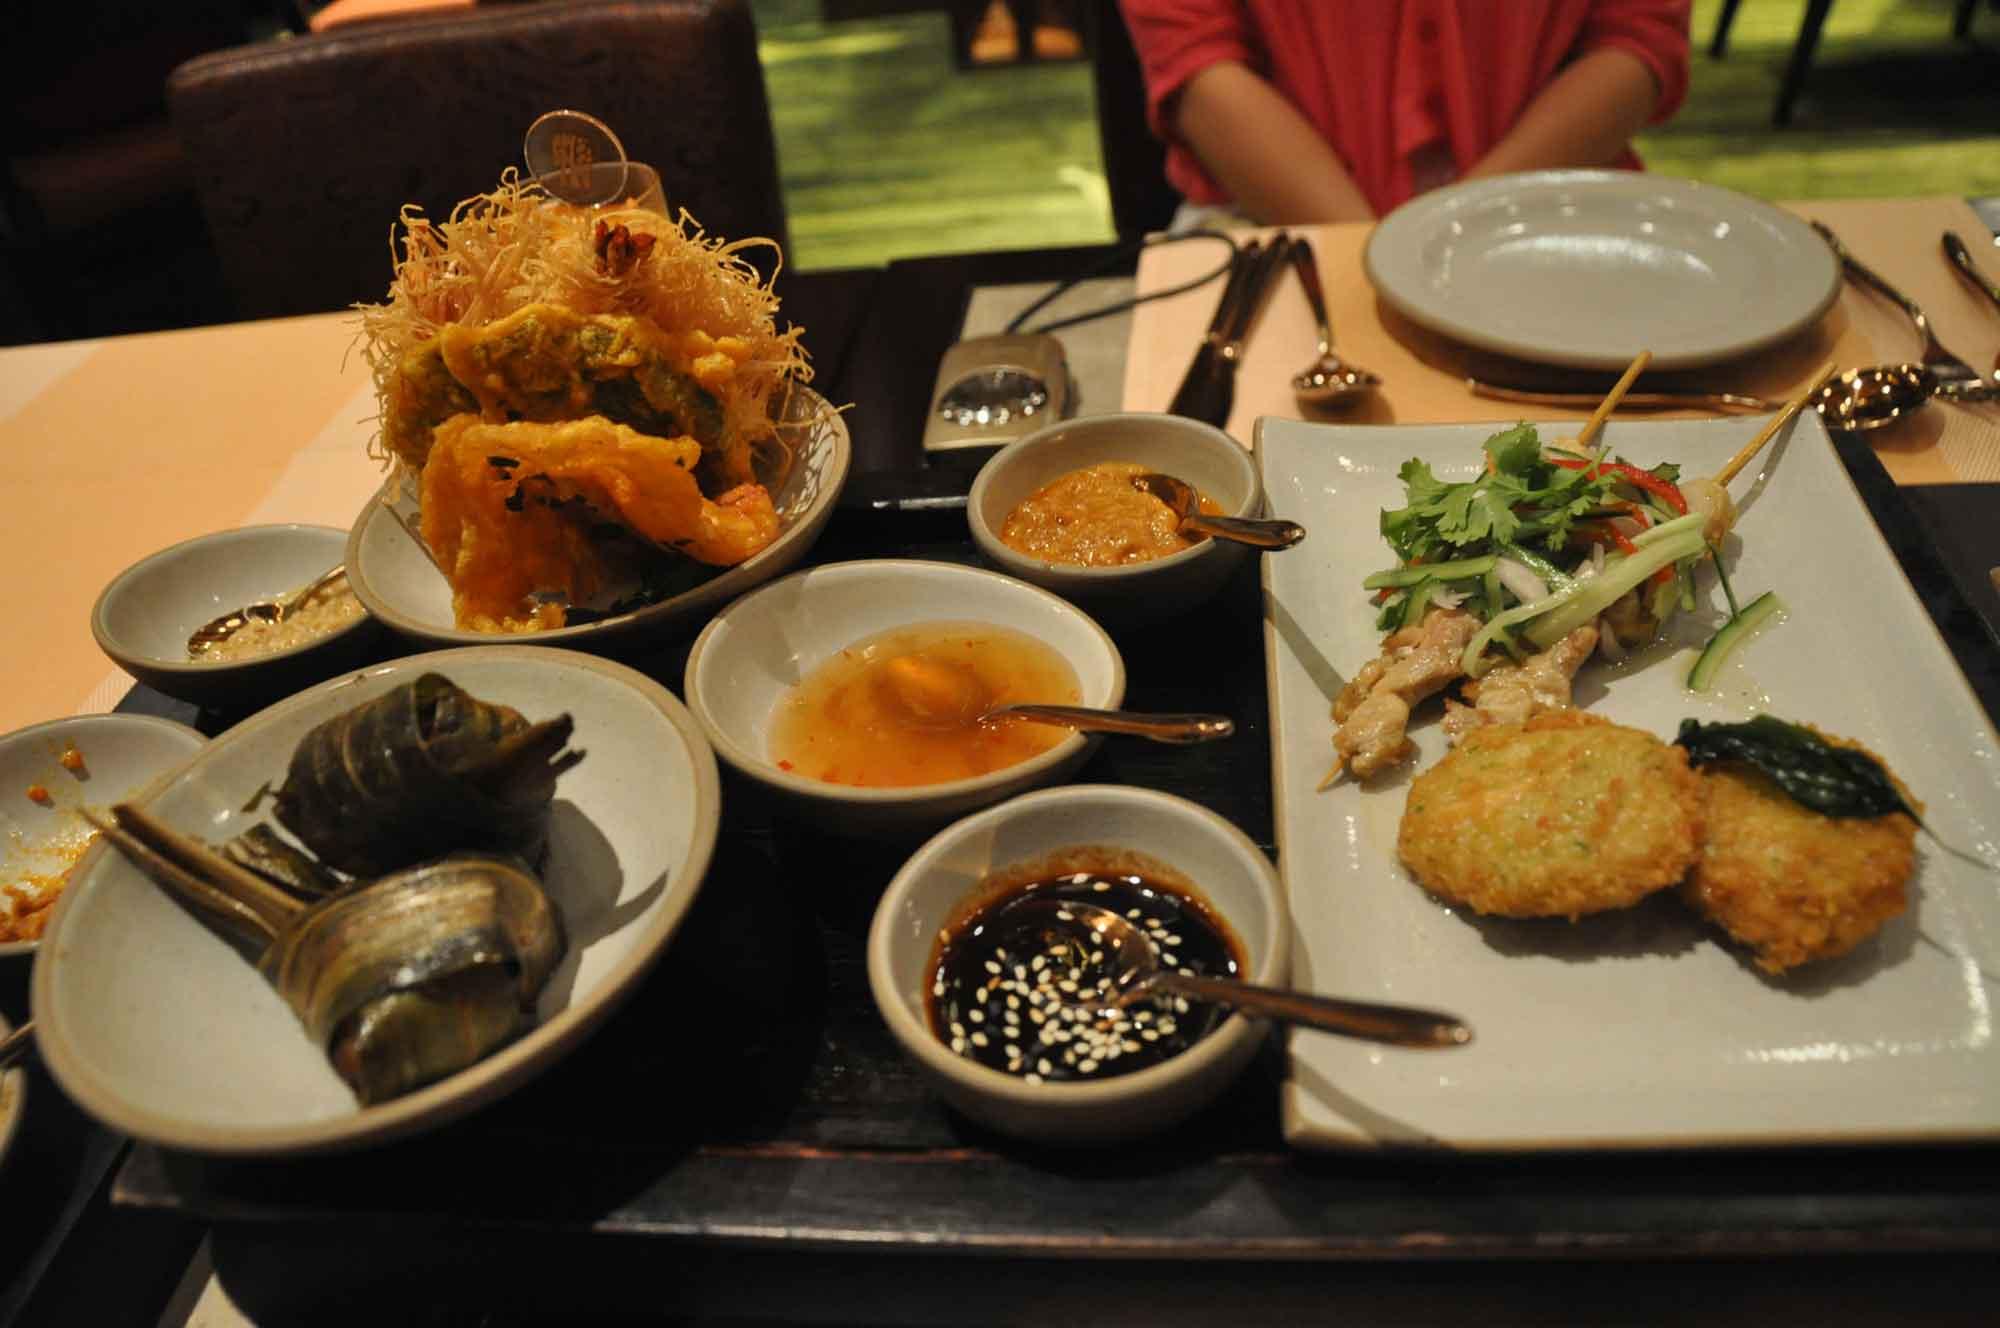 Saffron Macau Khong Wang Ruam Appetizers